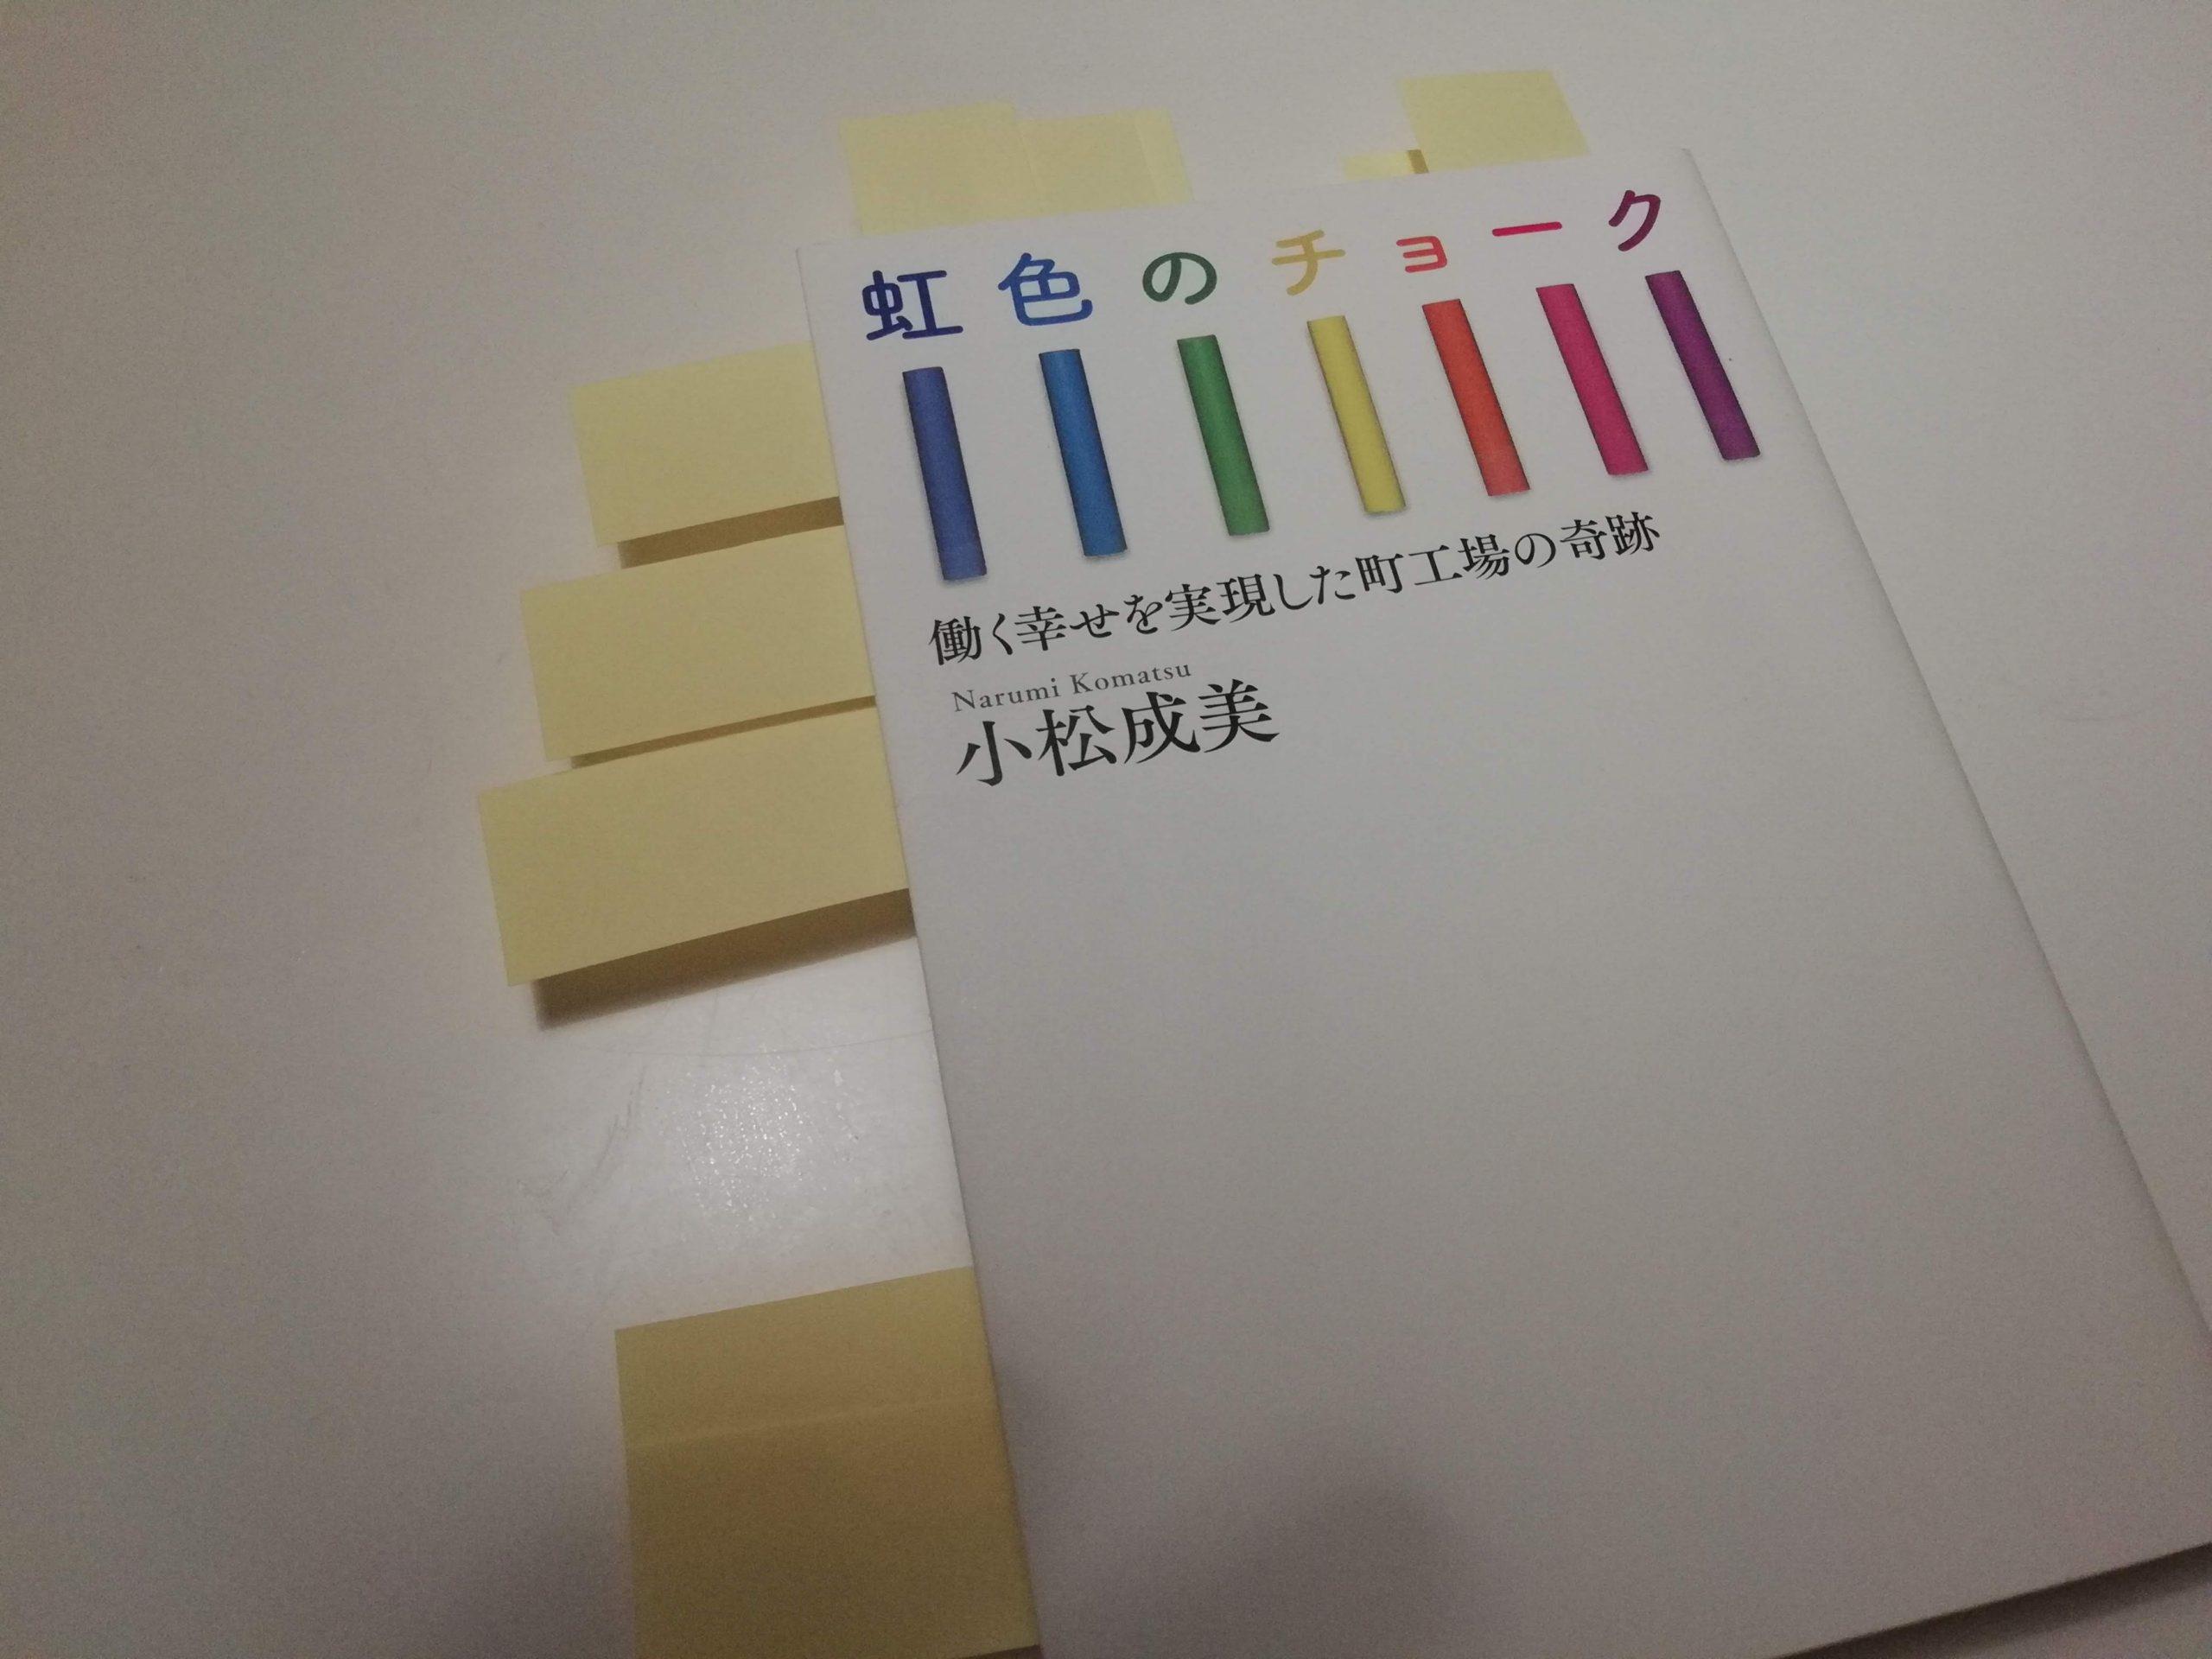 【子供に残したい本】虹色のチョーク